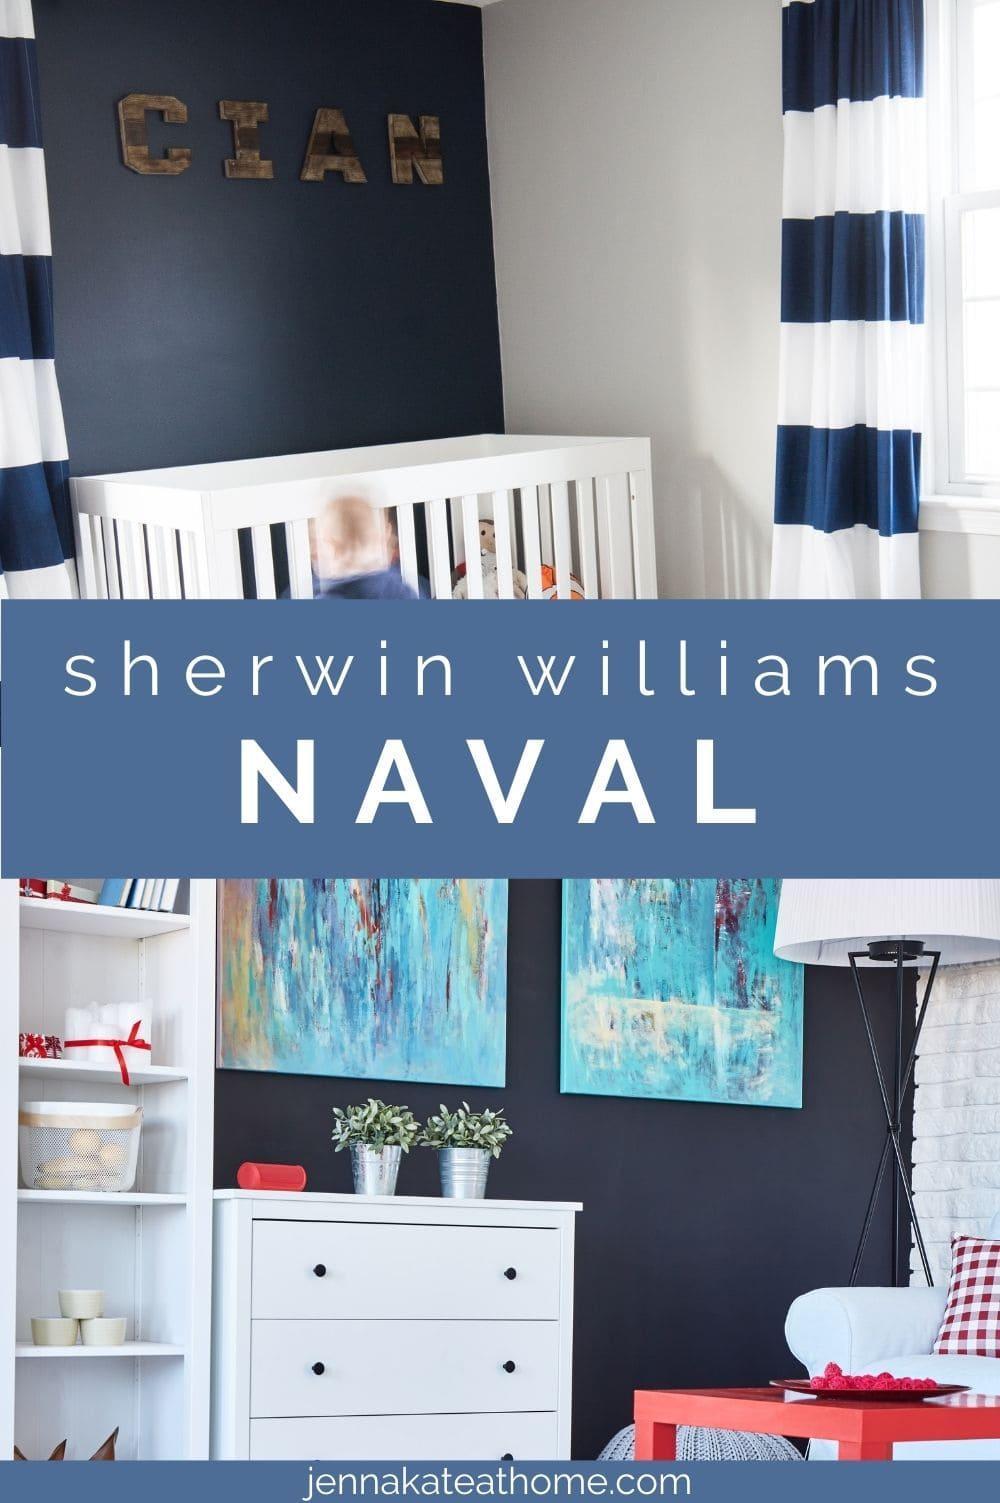 sherwin williams naval